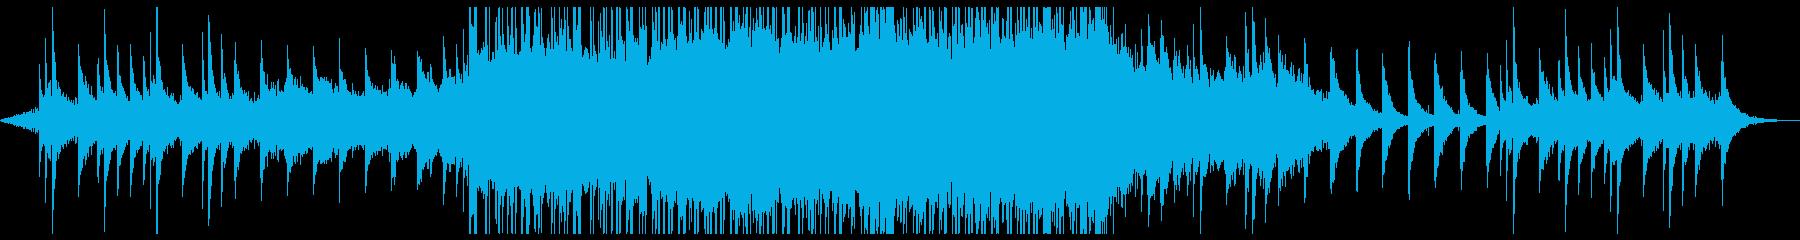 ゆったり切ない感動系チルシネマティック。の再生済みの波形